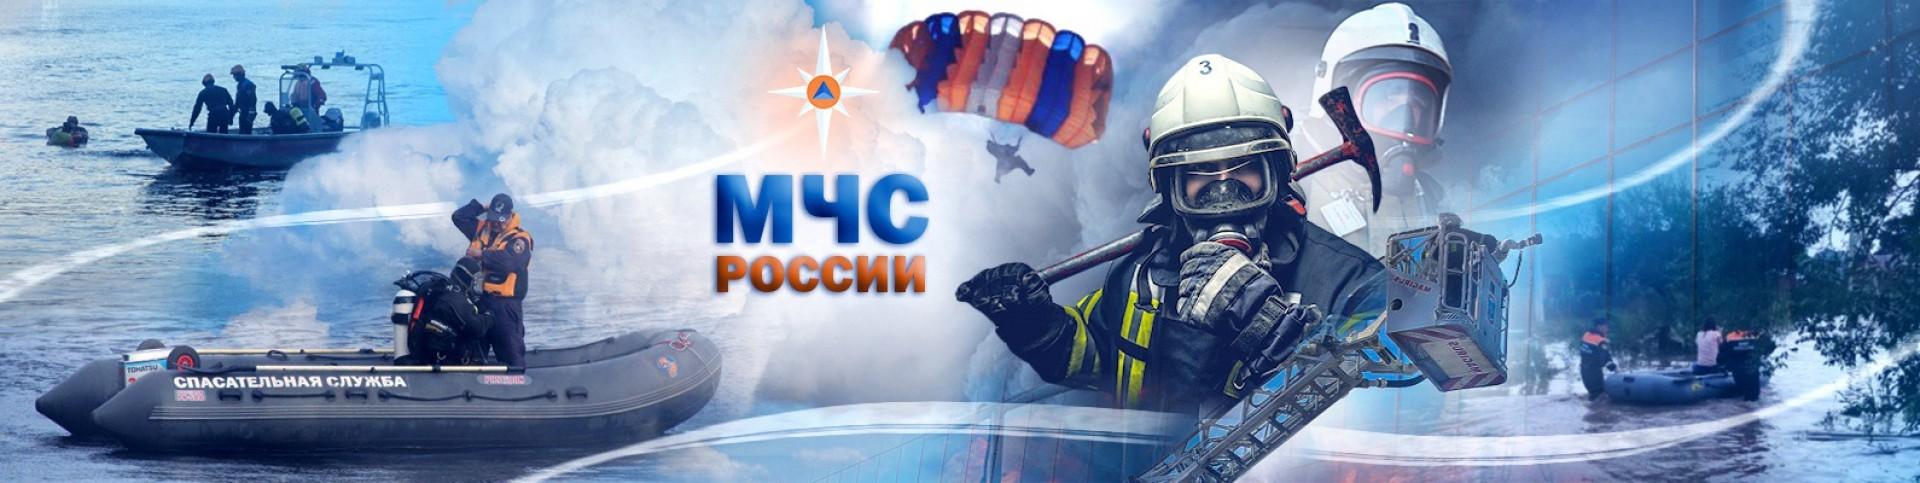 Информация о новой услуге по пожарной безопасности